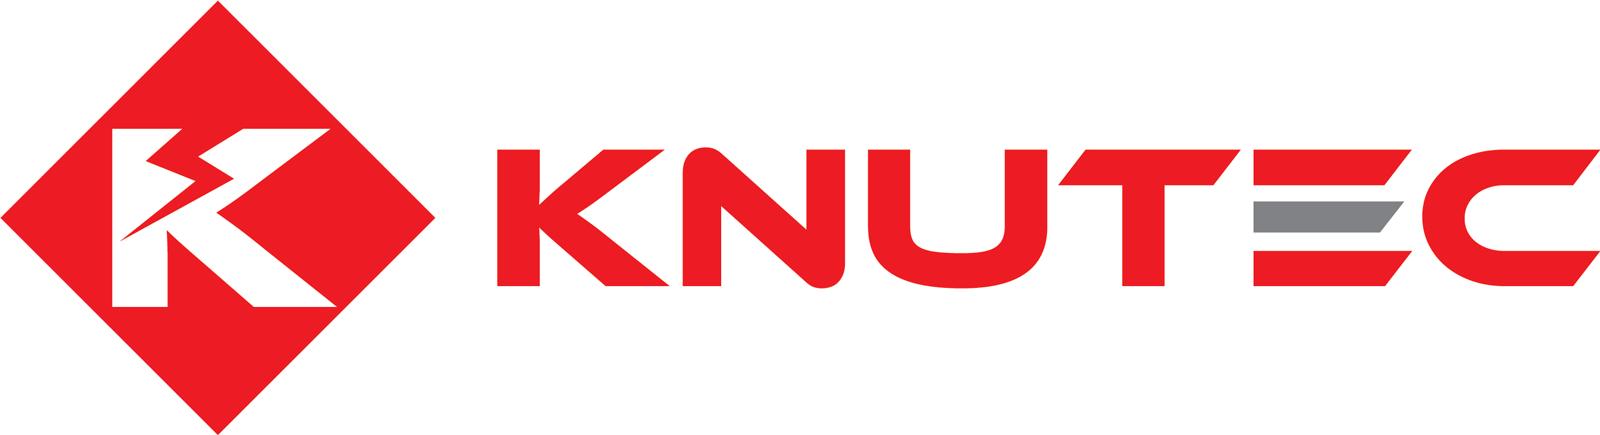 Knutec LLC